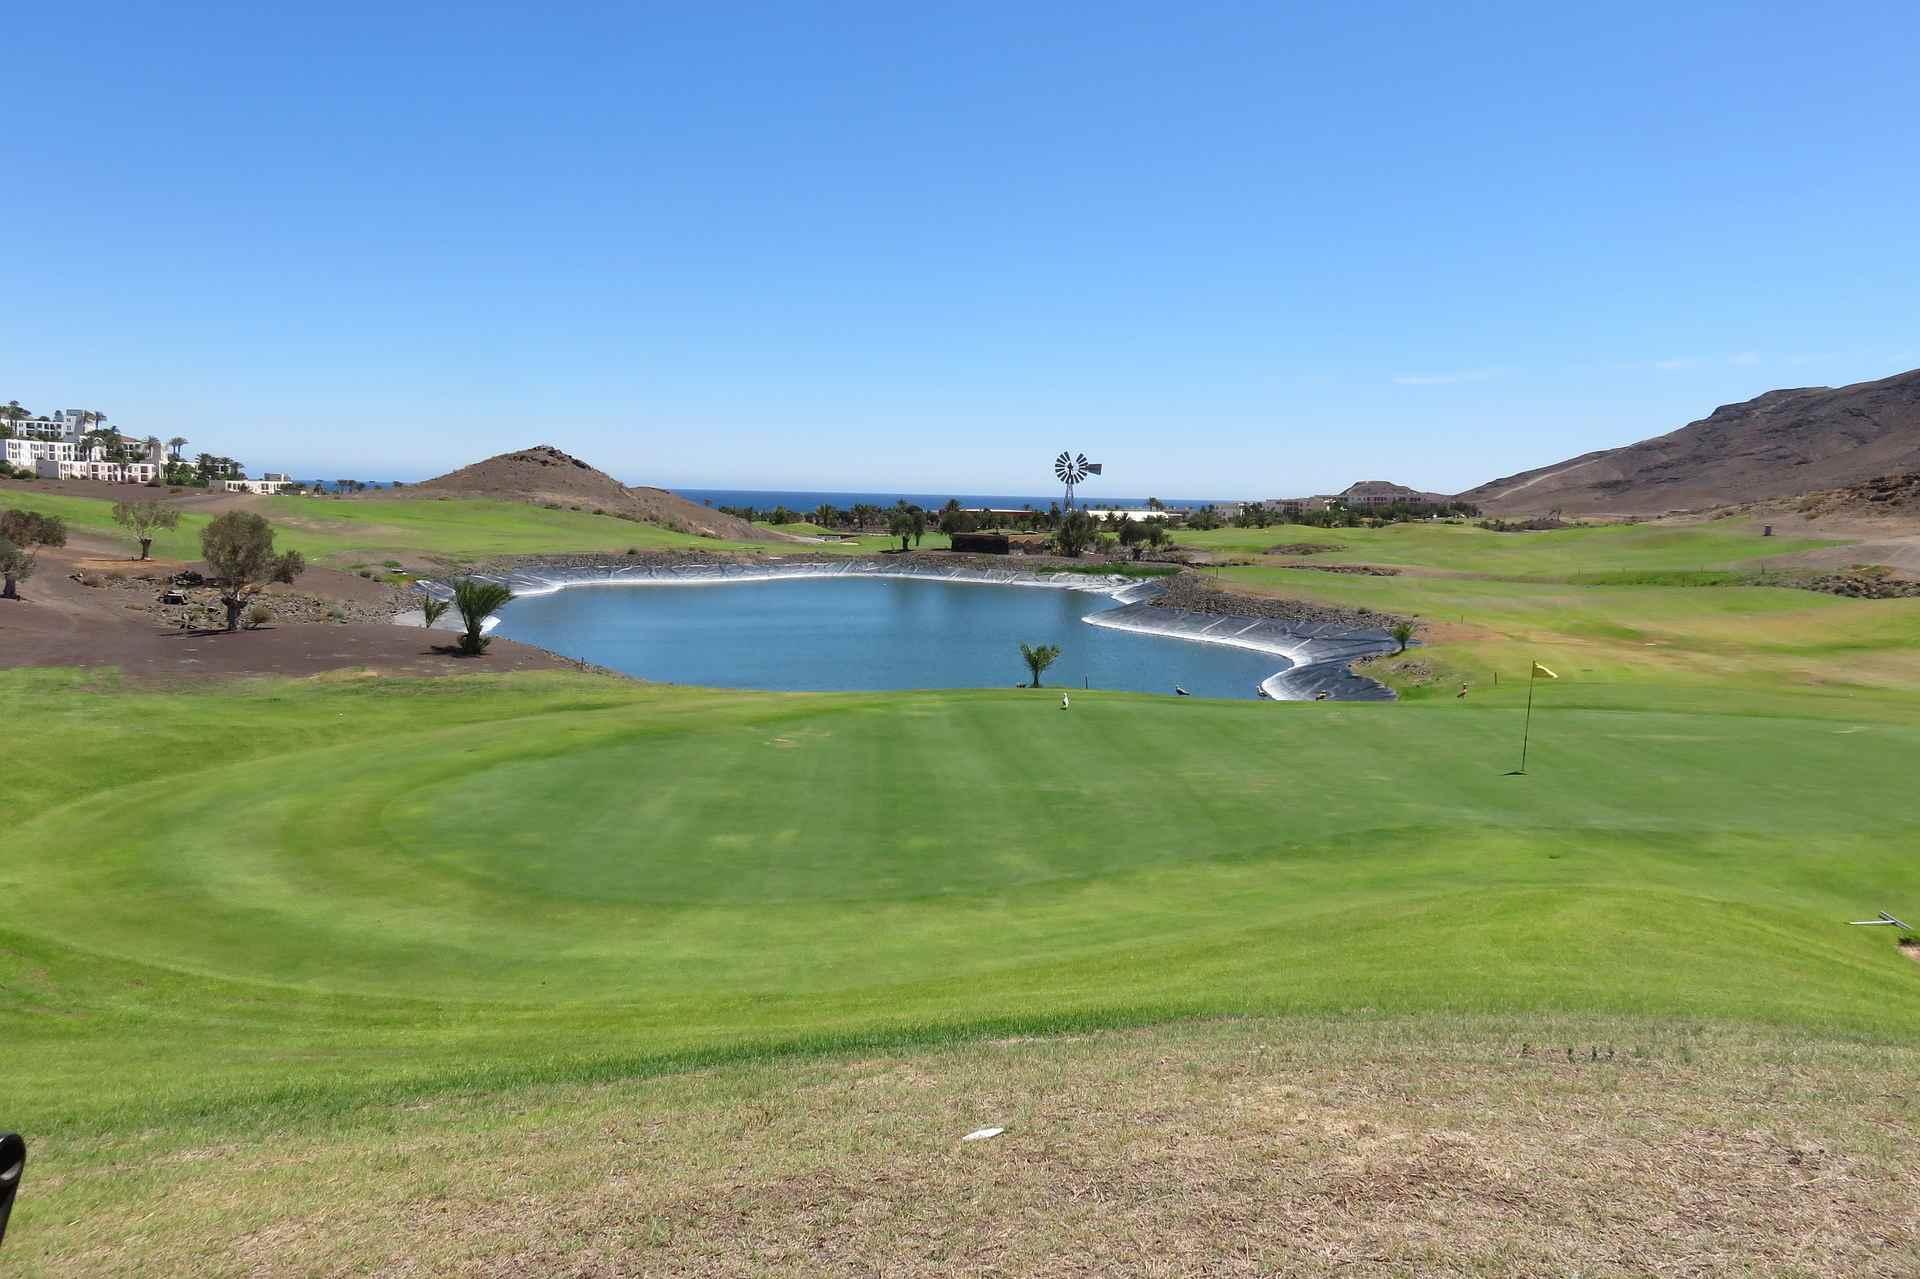 Grün auf dem Golfplatz Las Playitas auf Fuerteventura